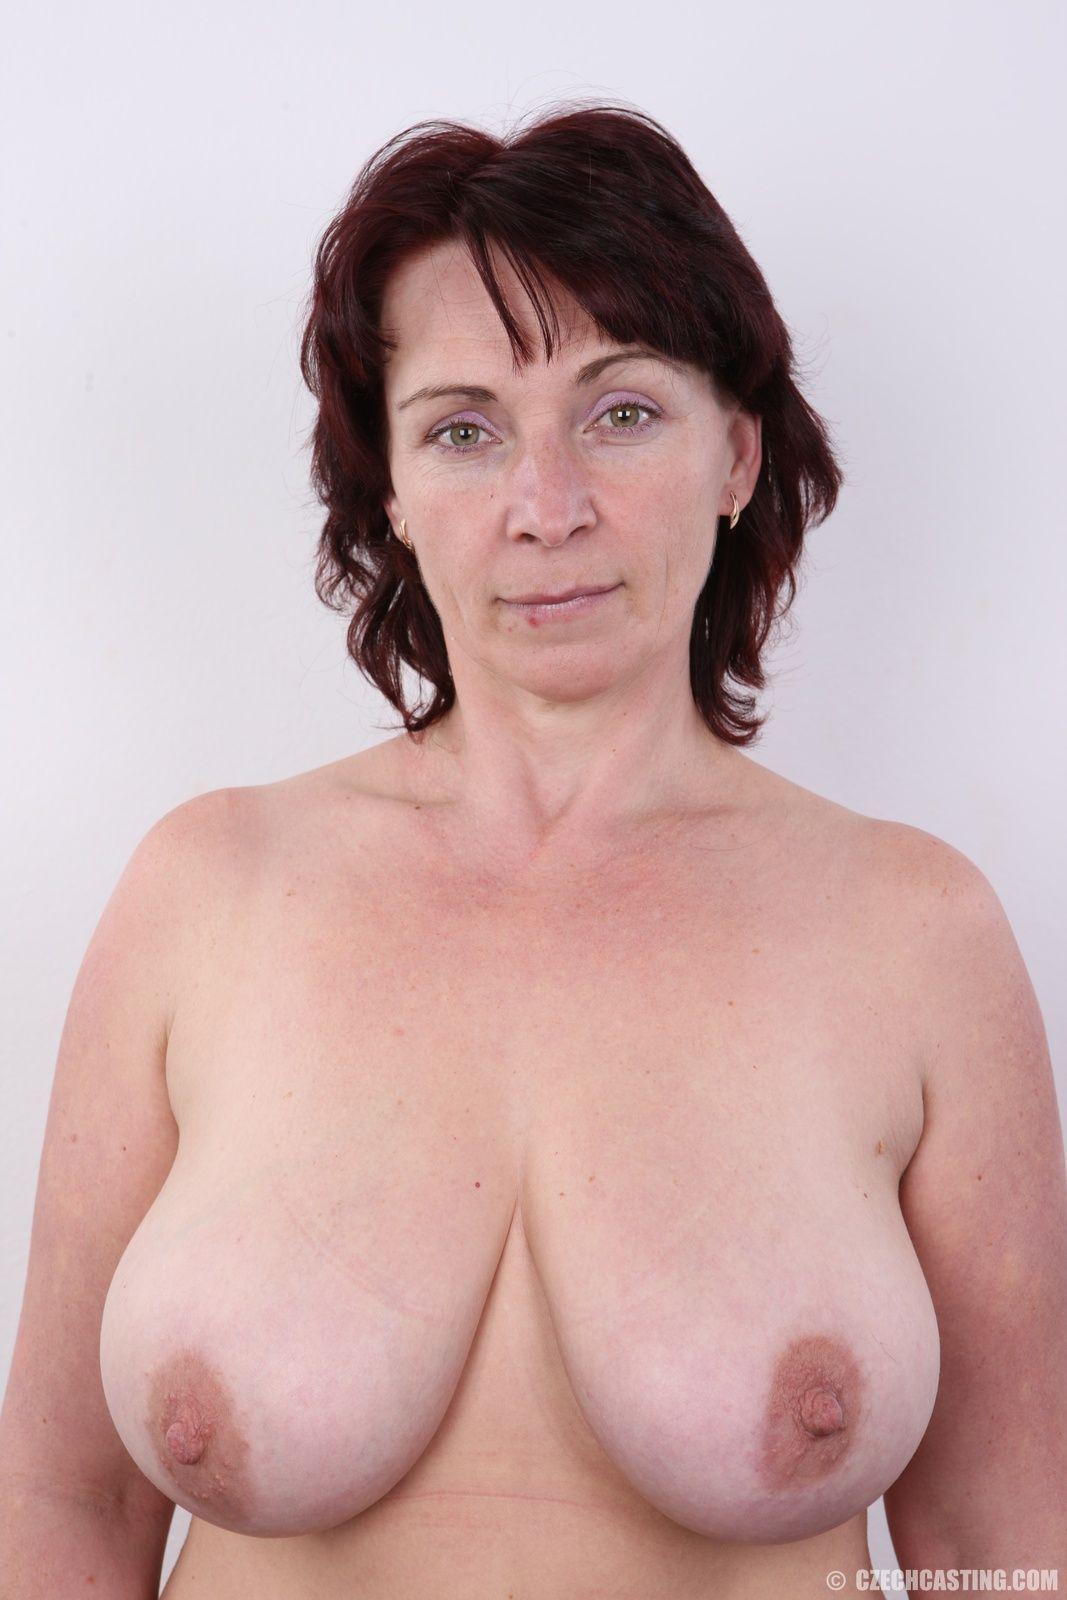 5_305 - czech casting | nude | pinterest